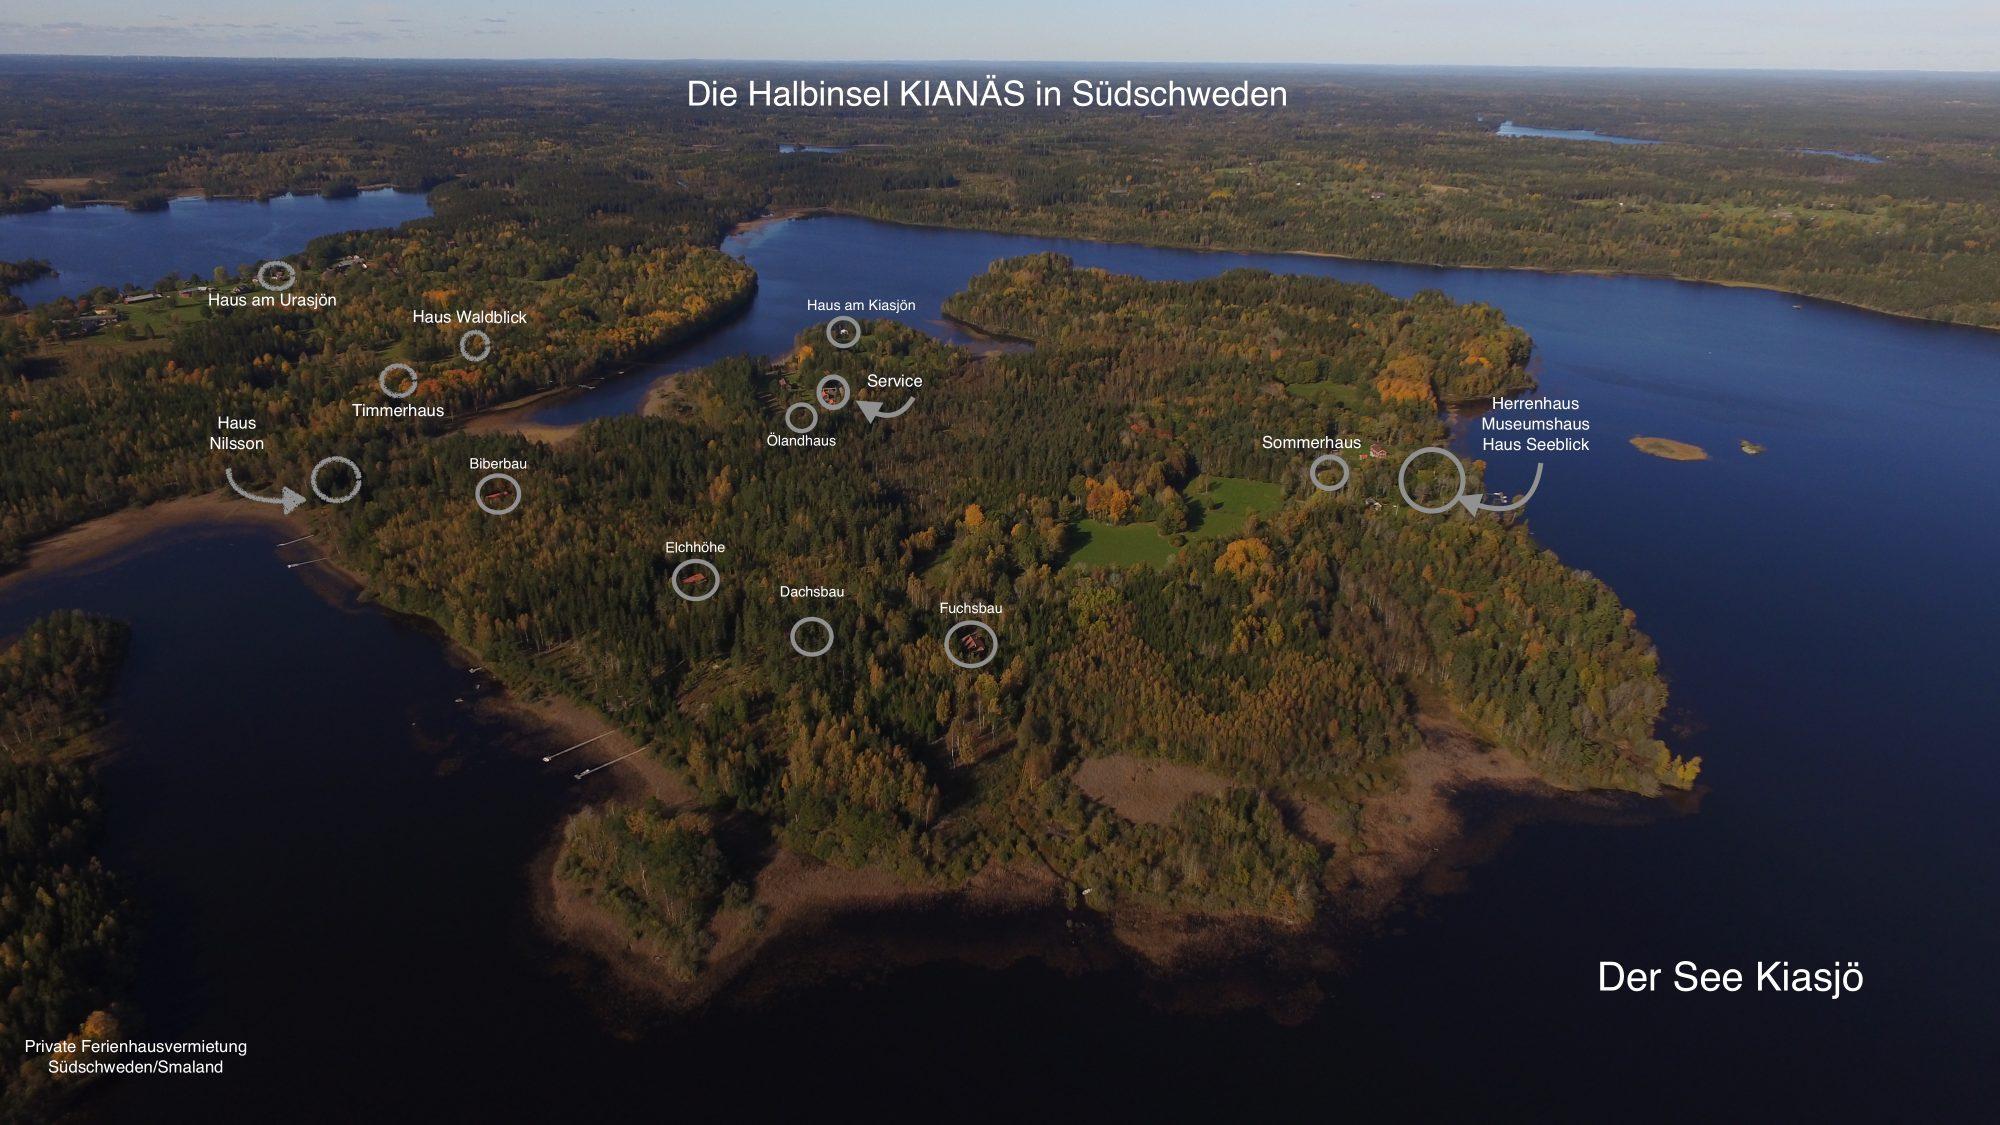 lage der ferienhäuser in schweden-halbinsel kianäs ferienhaus schweden am see